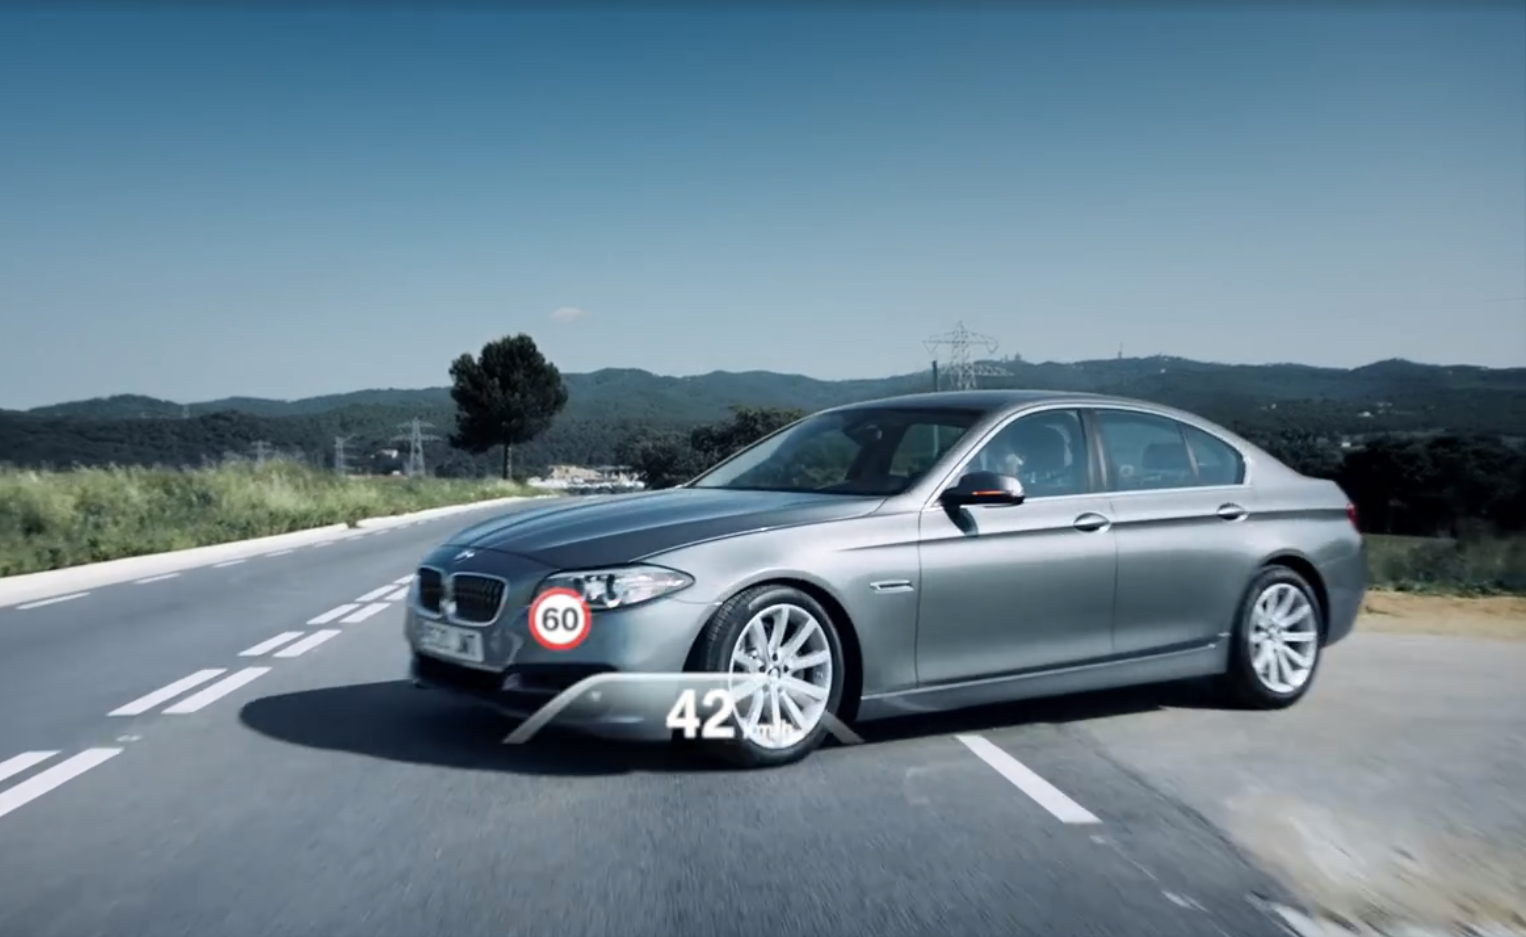 El nuevo BMW Serie 5 2017 contará con tecnología de conducción semi-autónoma